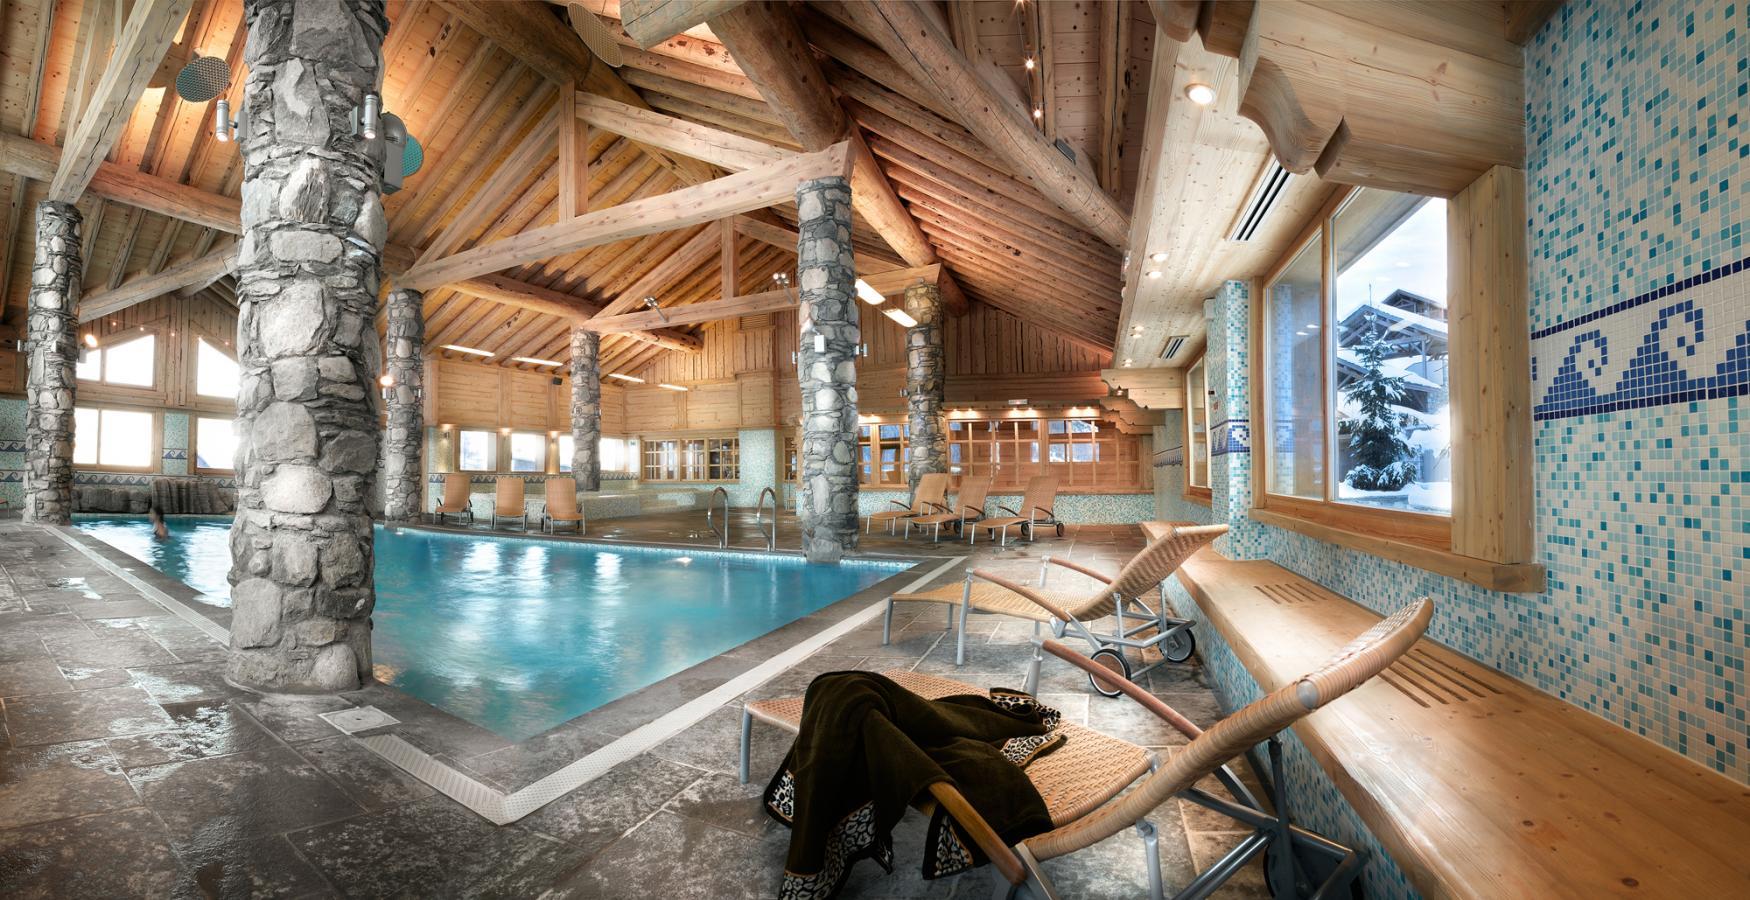 Location de prestige en montagne for Location luxe vacances